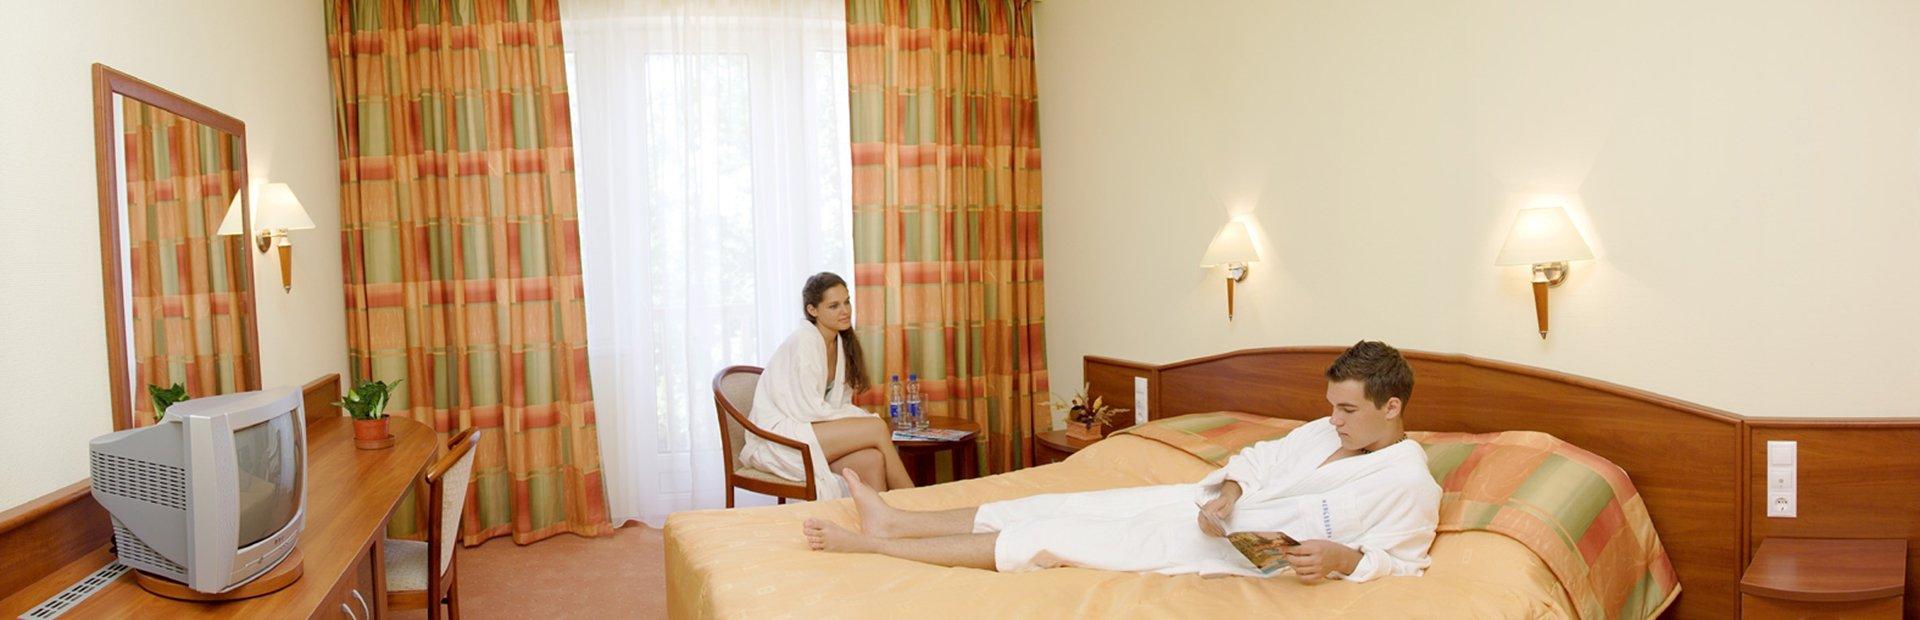 hotel-hungarospa-thermal-hajduszoboszlo